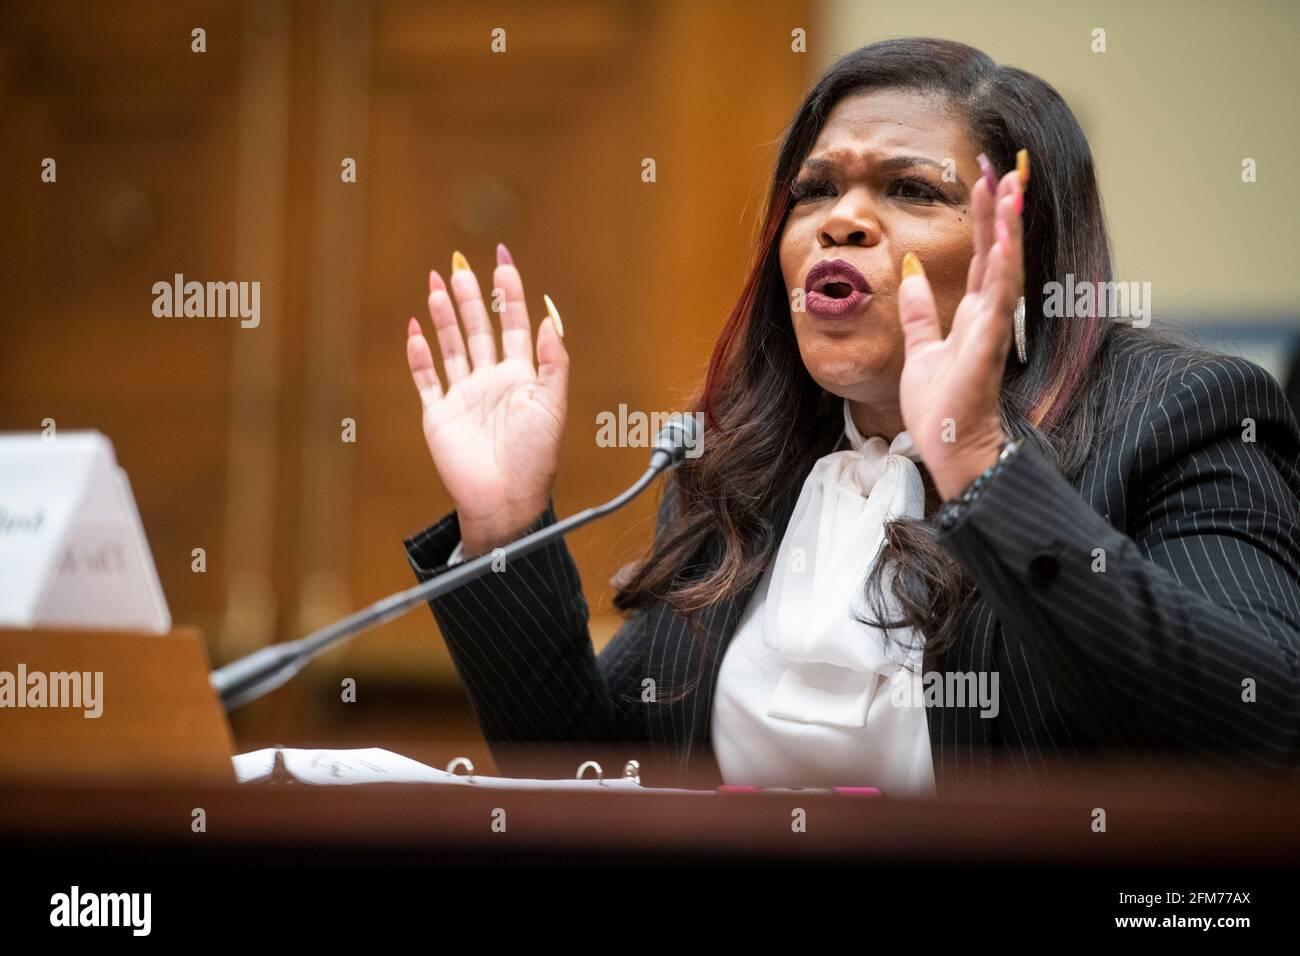 """El Representante de los Estados Unidos, Cori Bush (Demócrata de Missouri), comparece ante una audiencia del Comité de Supervisión y Reforma de la Cámara de Representantes """"Birthing While Black: Examining Americas Black Maternal Health Crisis"""" en el edificio de oficinas de Rayburn House en Washington, DC, jueves, 6 de mayo de 2021. Crédito: Rod Lamkey/CNP /MediaPunch Foto de stock"""